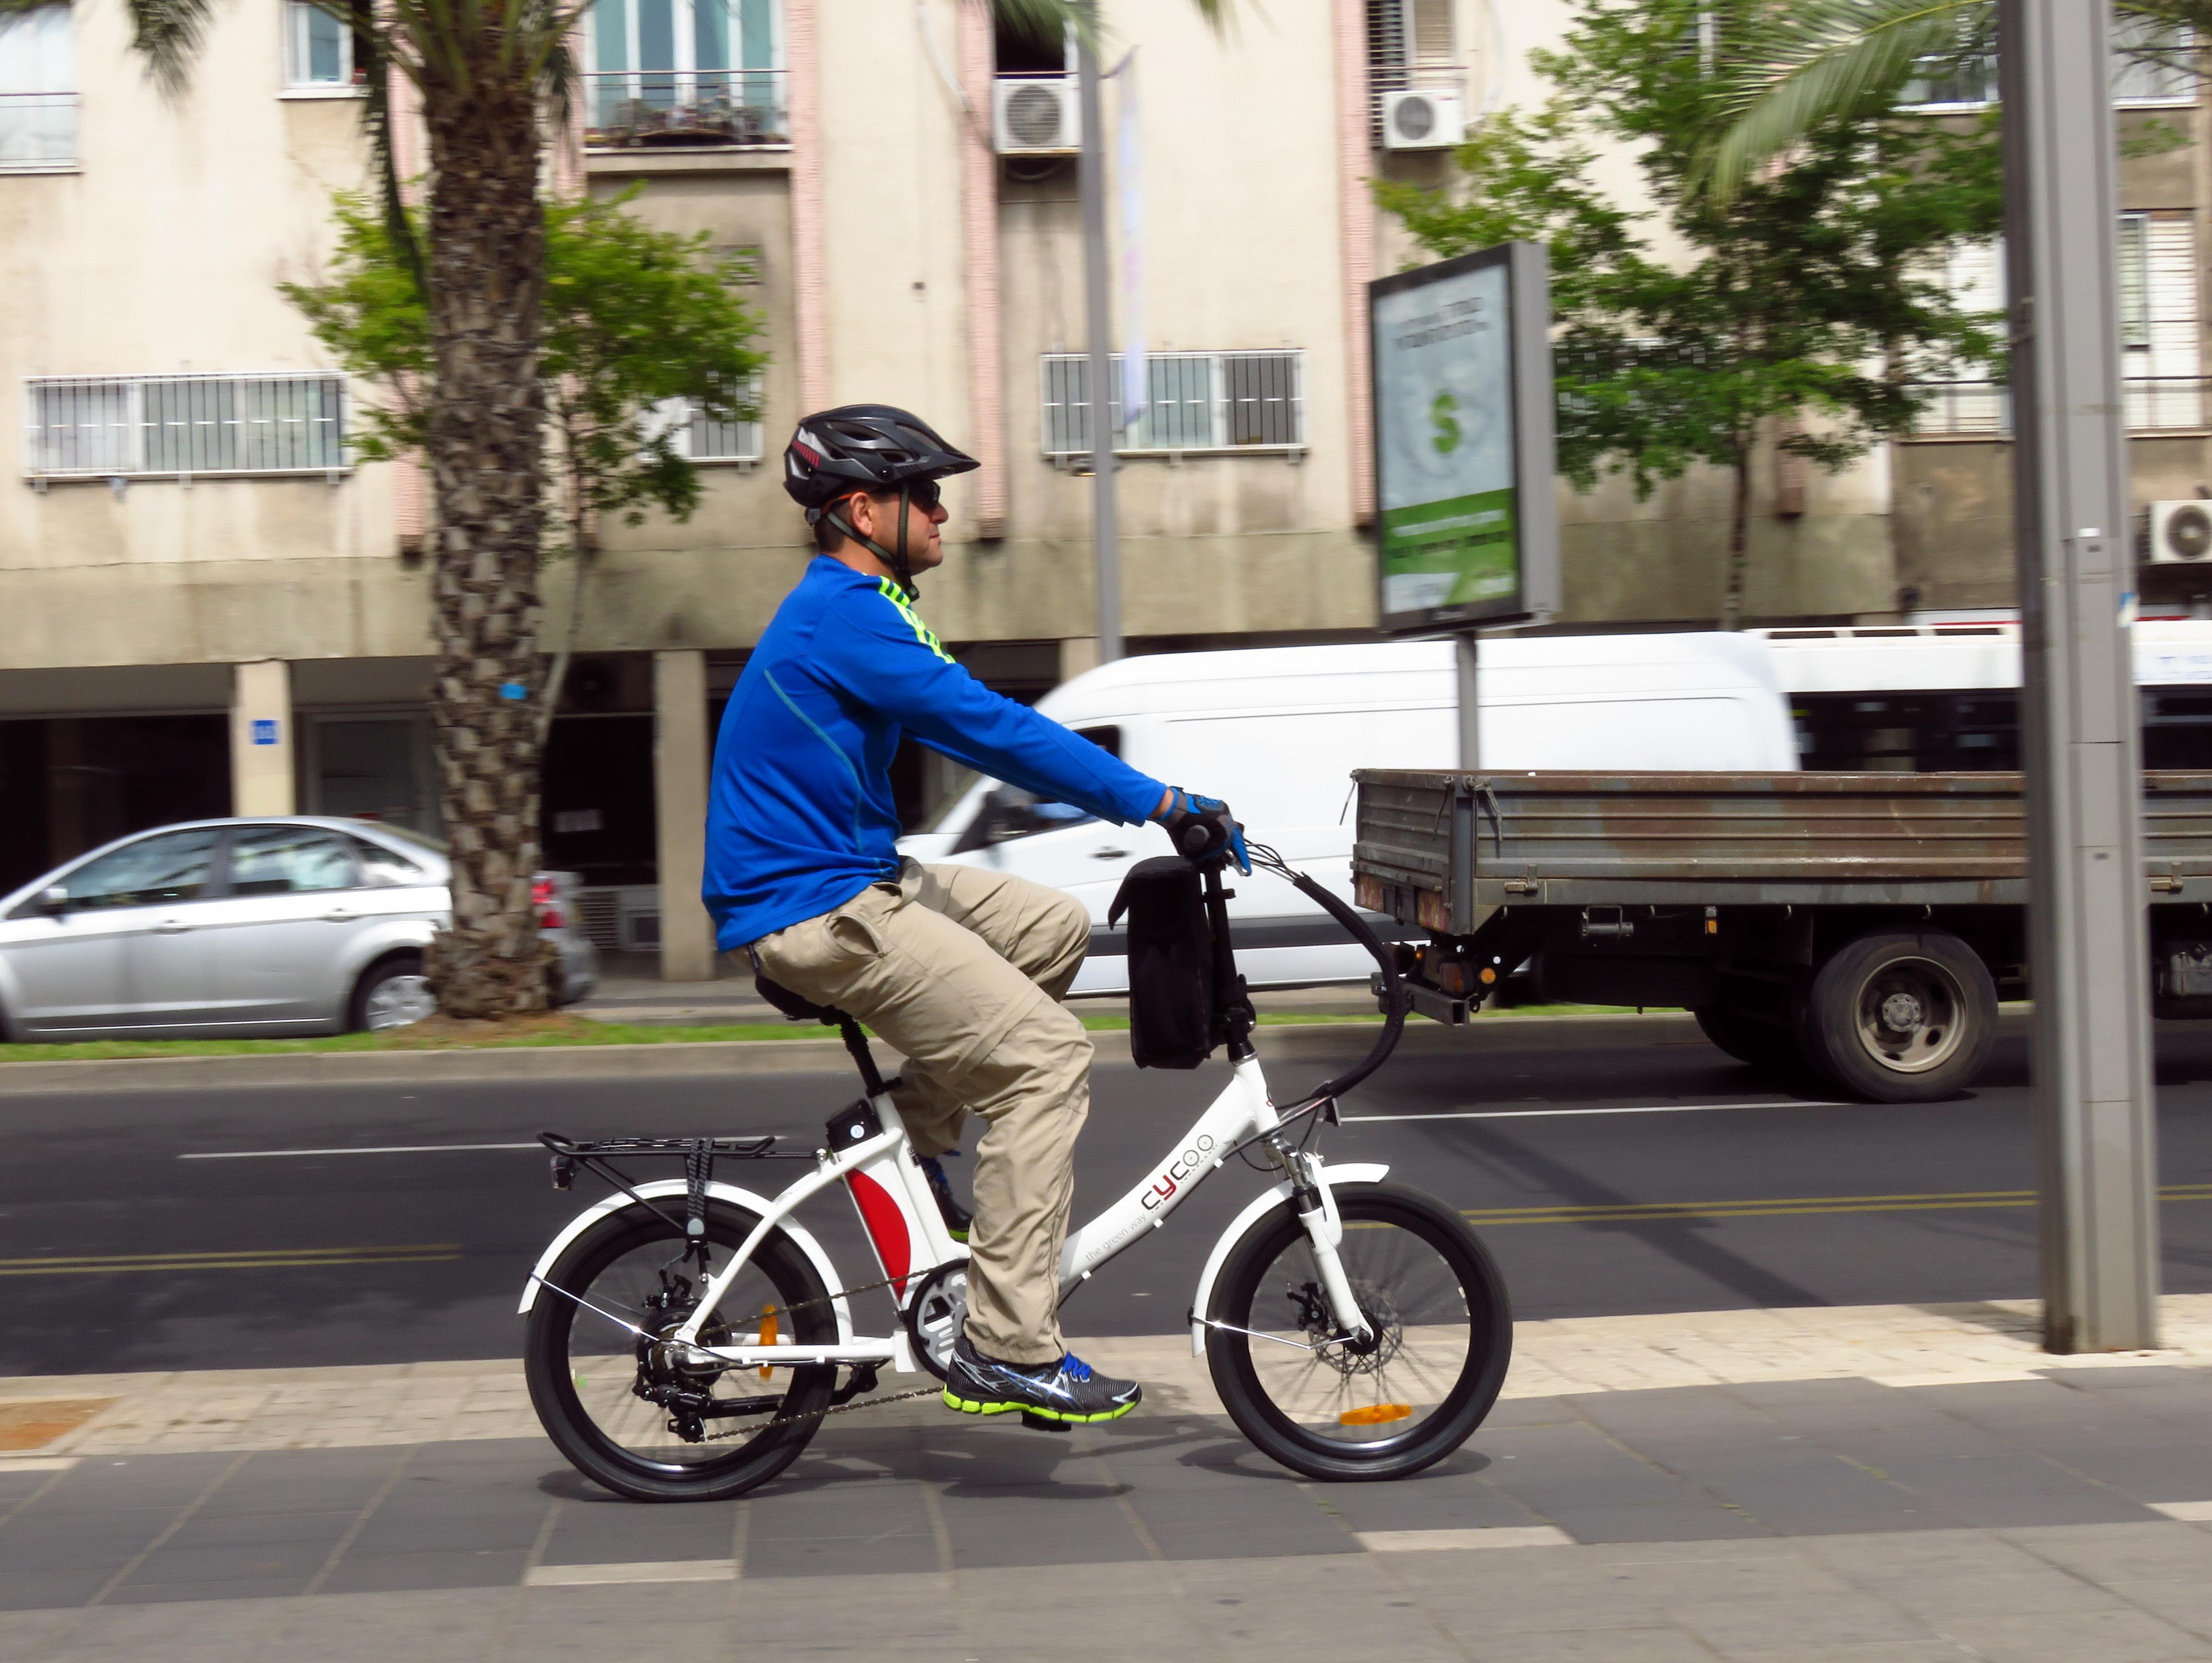 יורדים לכביש: מה מותר ומה אסור לעשות עם אופניים חשמליים?